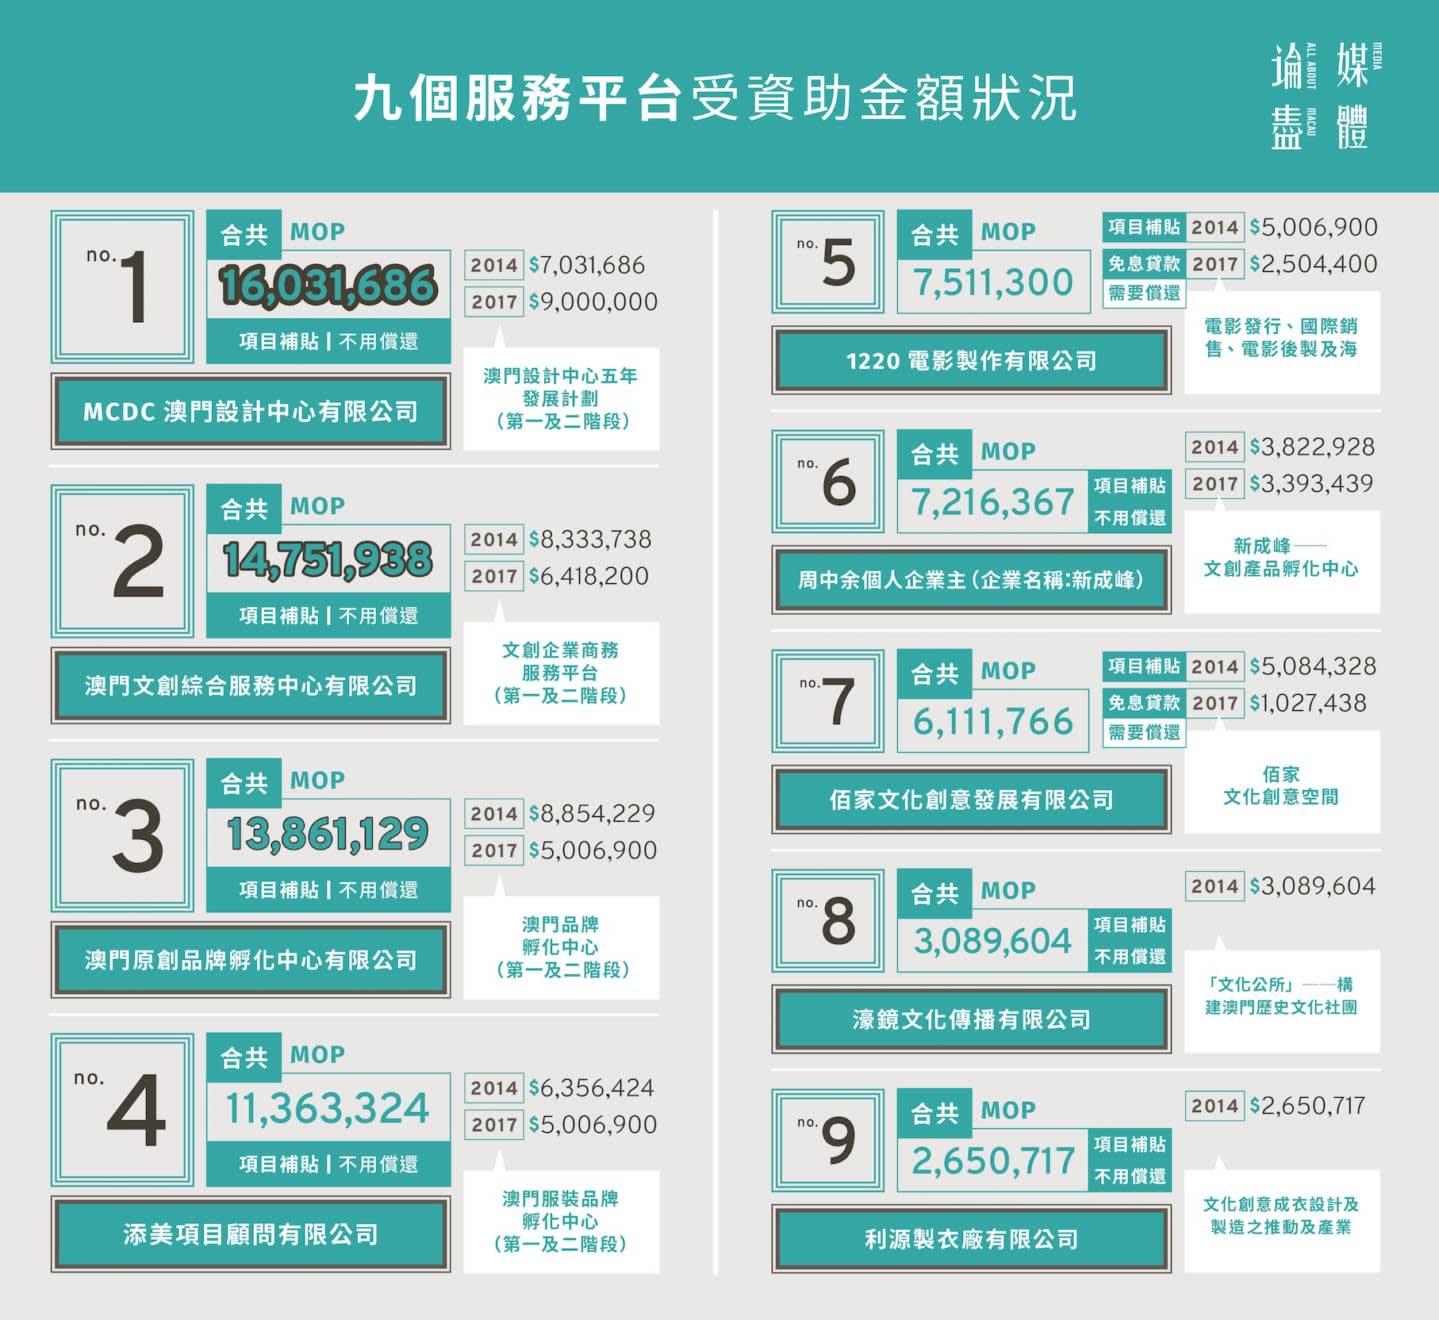 九個服務平台受資助金額狀況(論盡設計製圖)